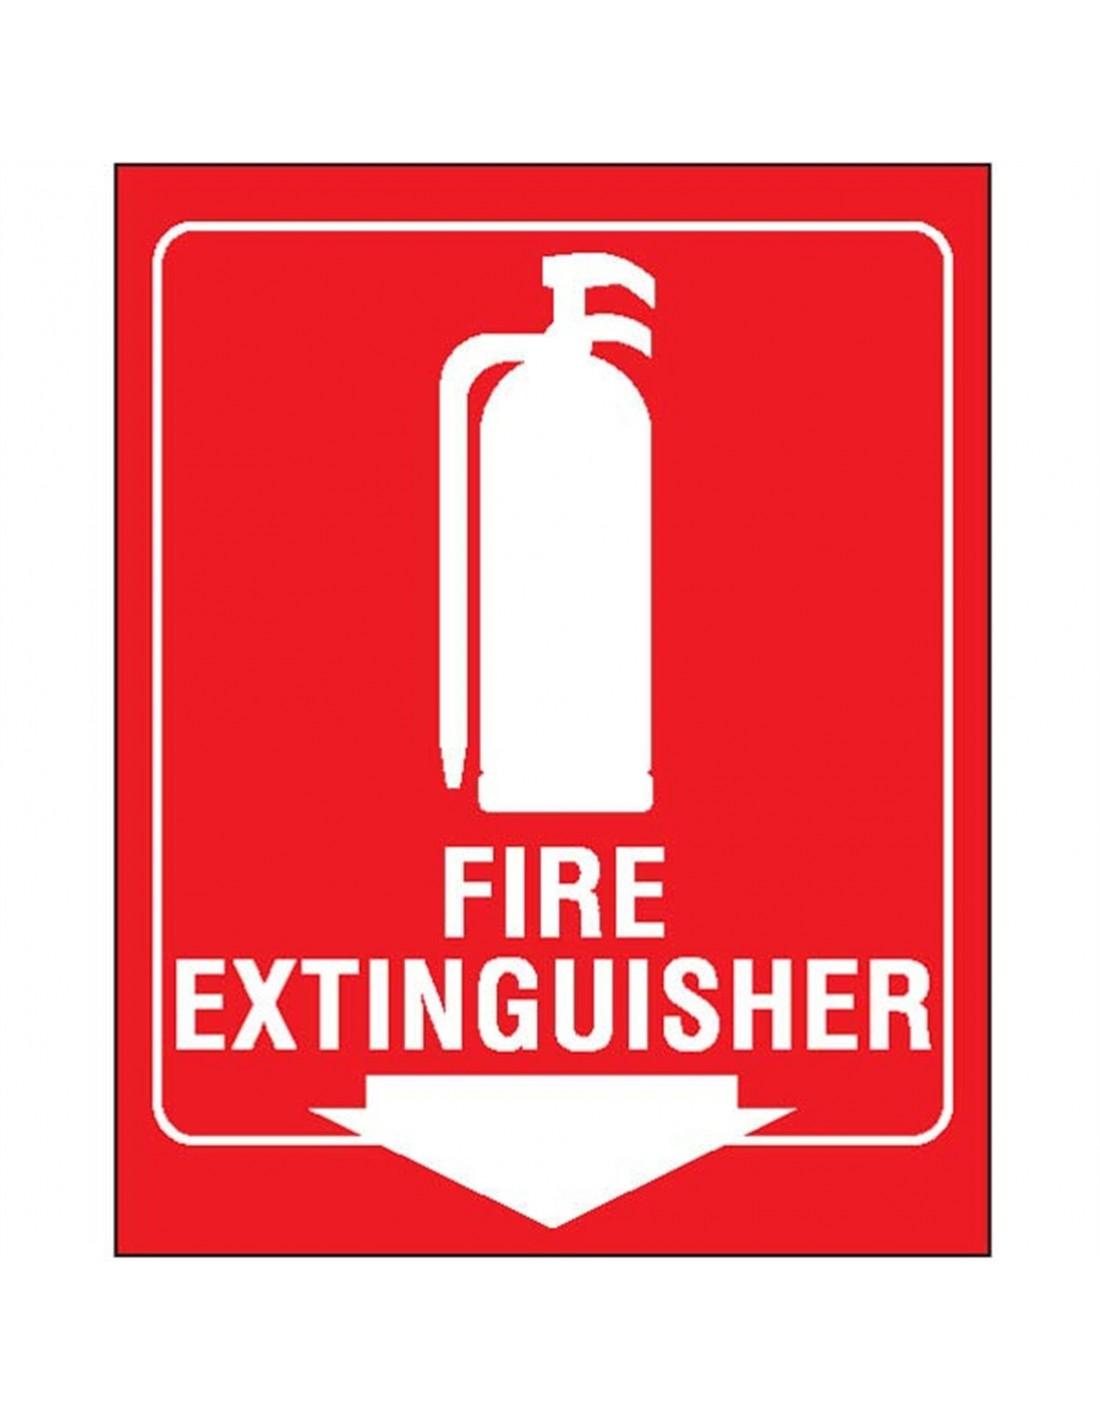 Fire Extinguisher Signage | Morison Engineering